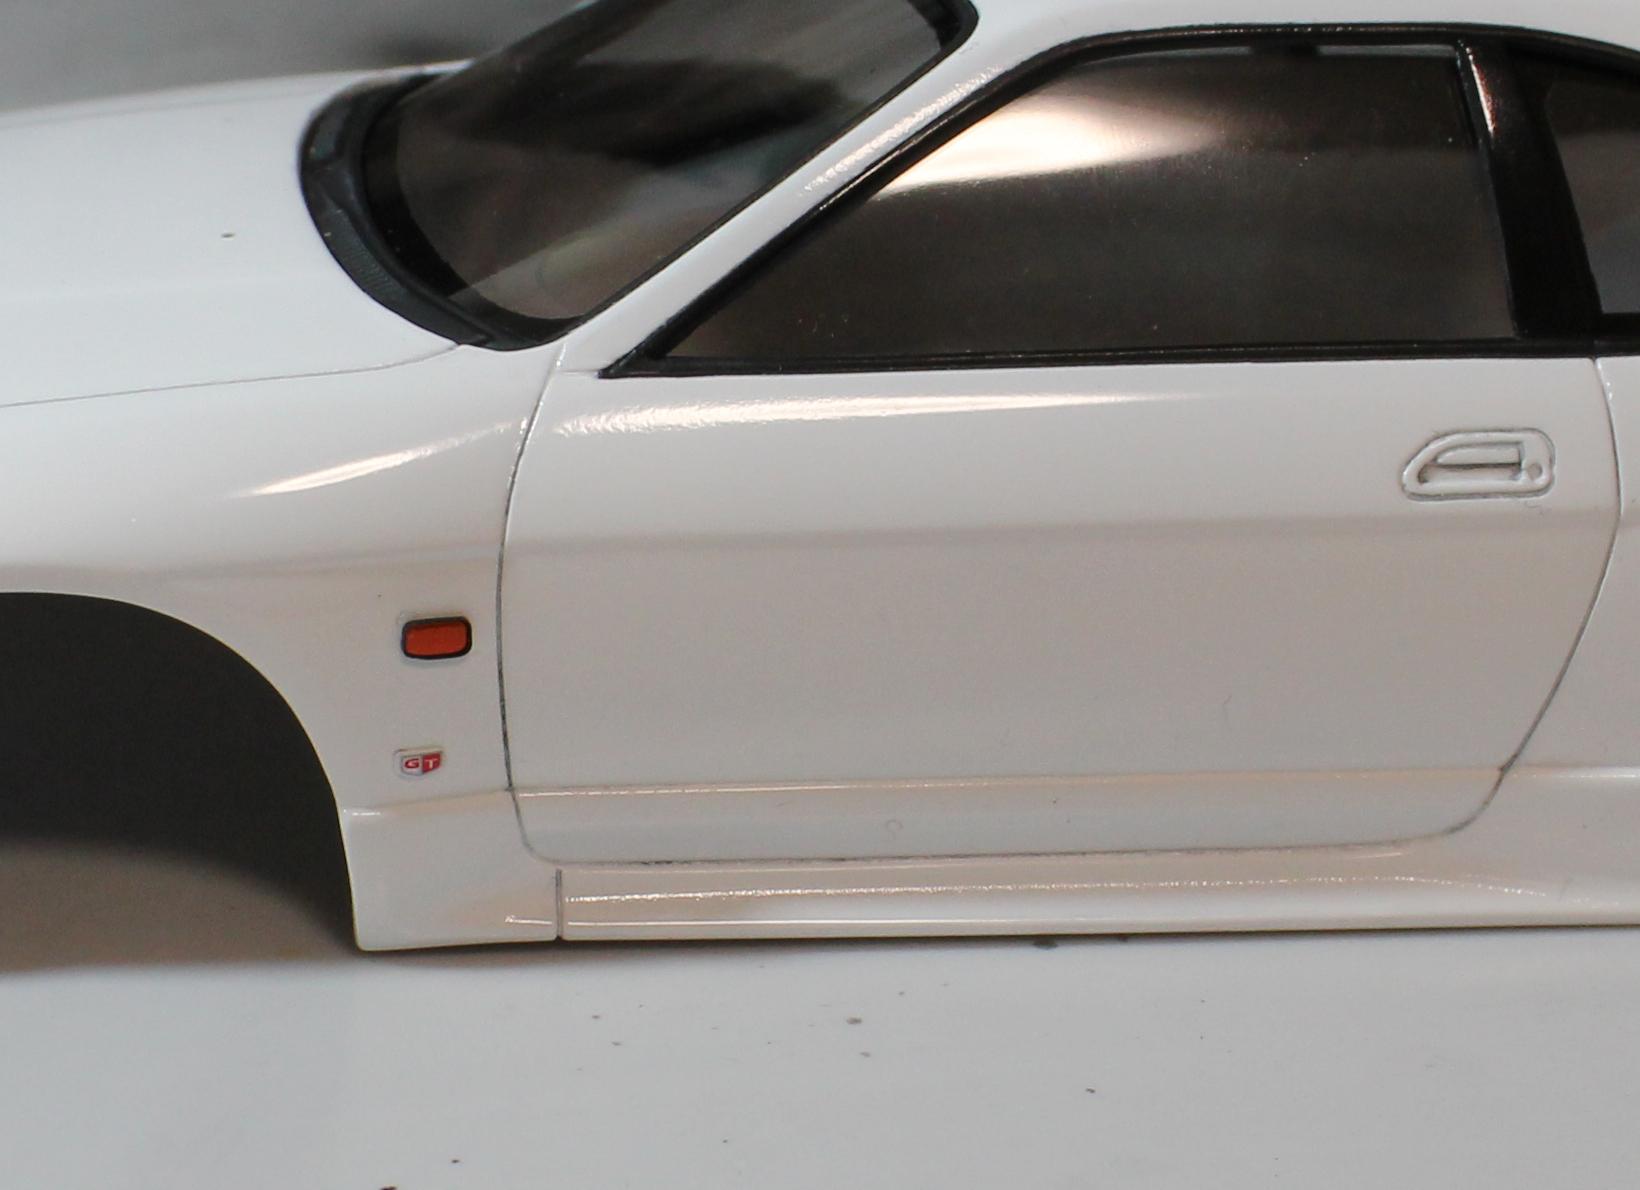 R33サイドマーカー塗装後